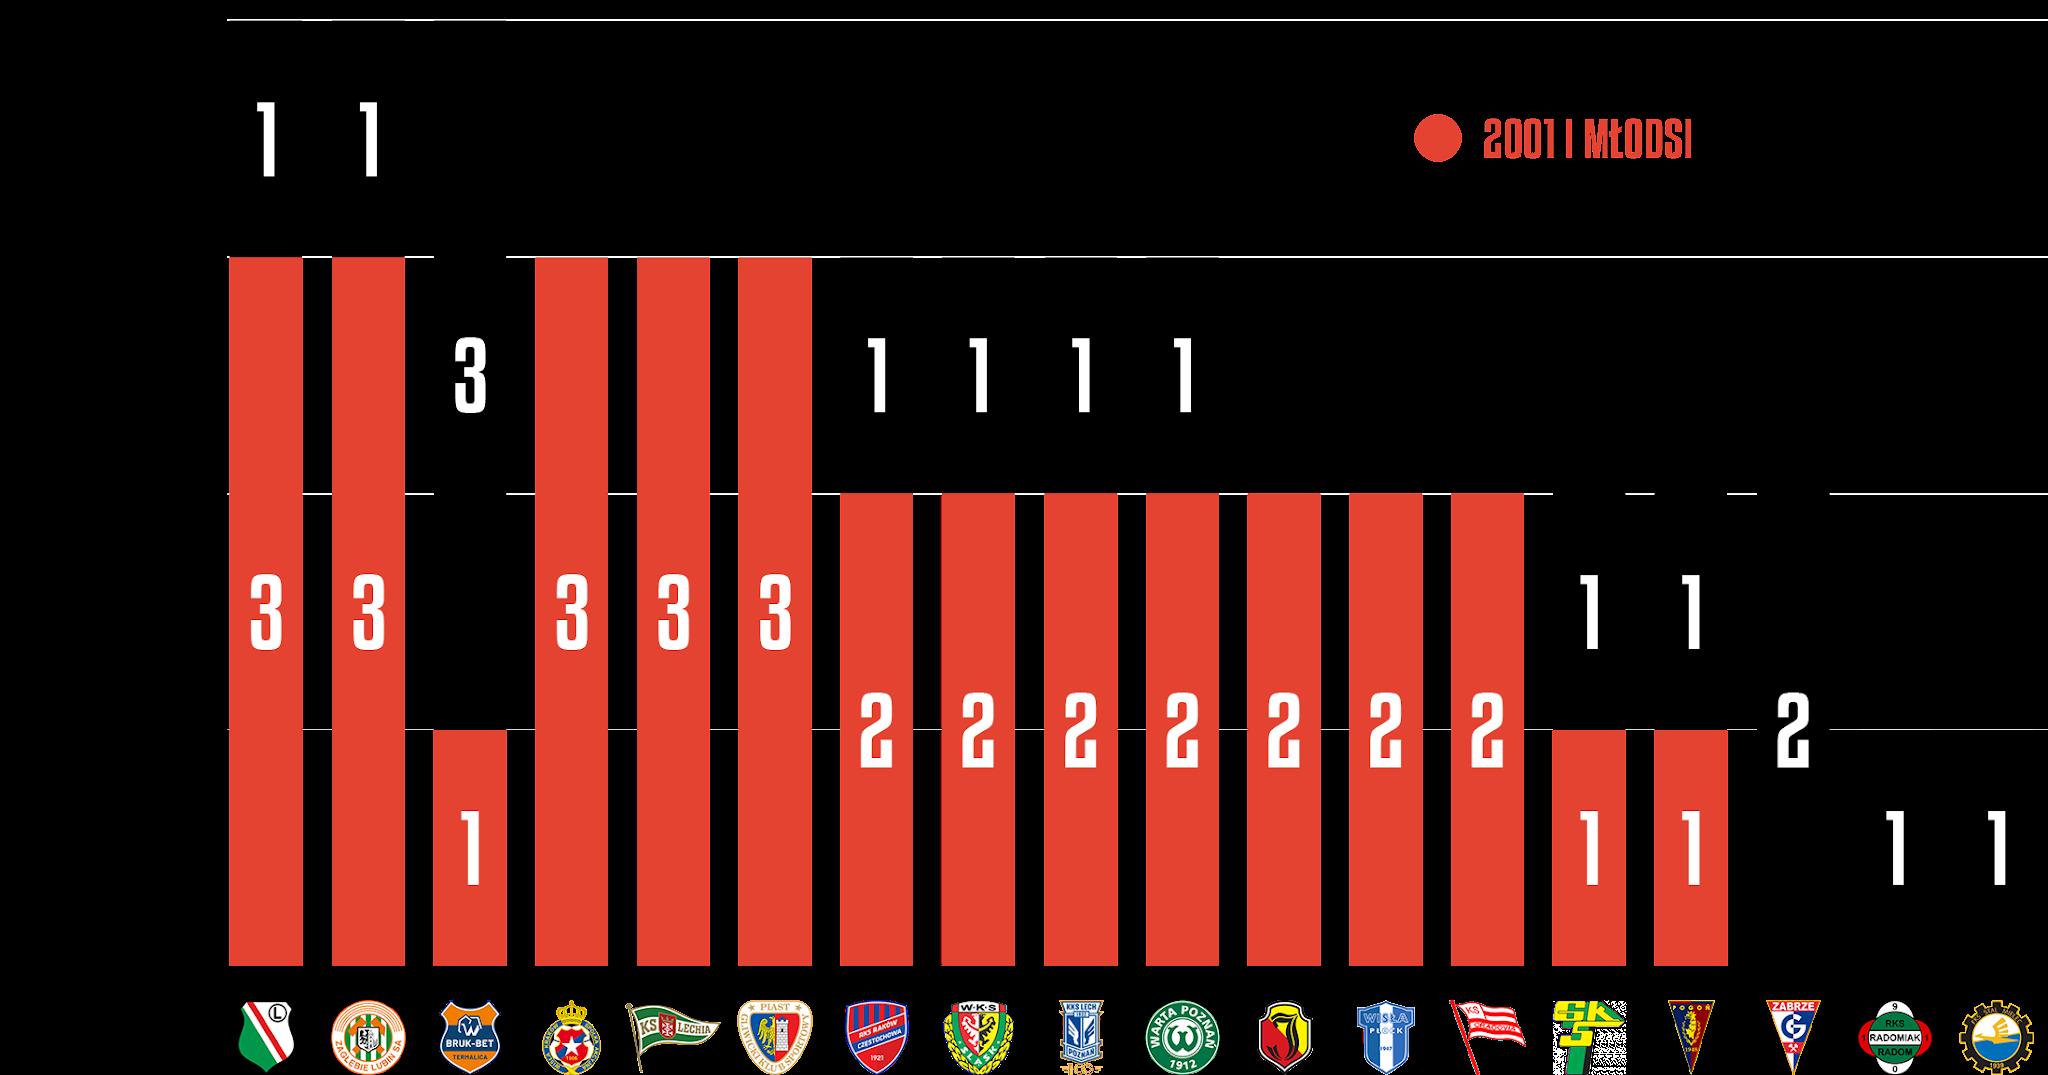 Młodzieżowcy w poszczególnych klubach podczas 9. kolejki PKO Ekstraklasy<br><br>Źródło: Opracowanie własne na podstawie ekstrastats.pl<br><br>graf. Bartosz Urban